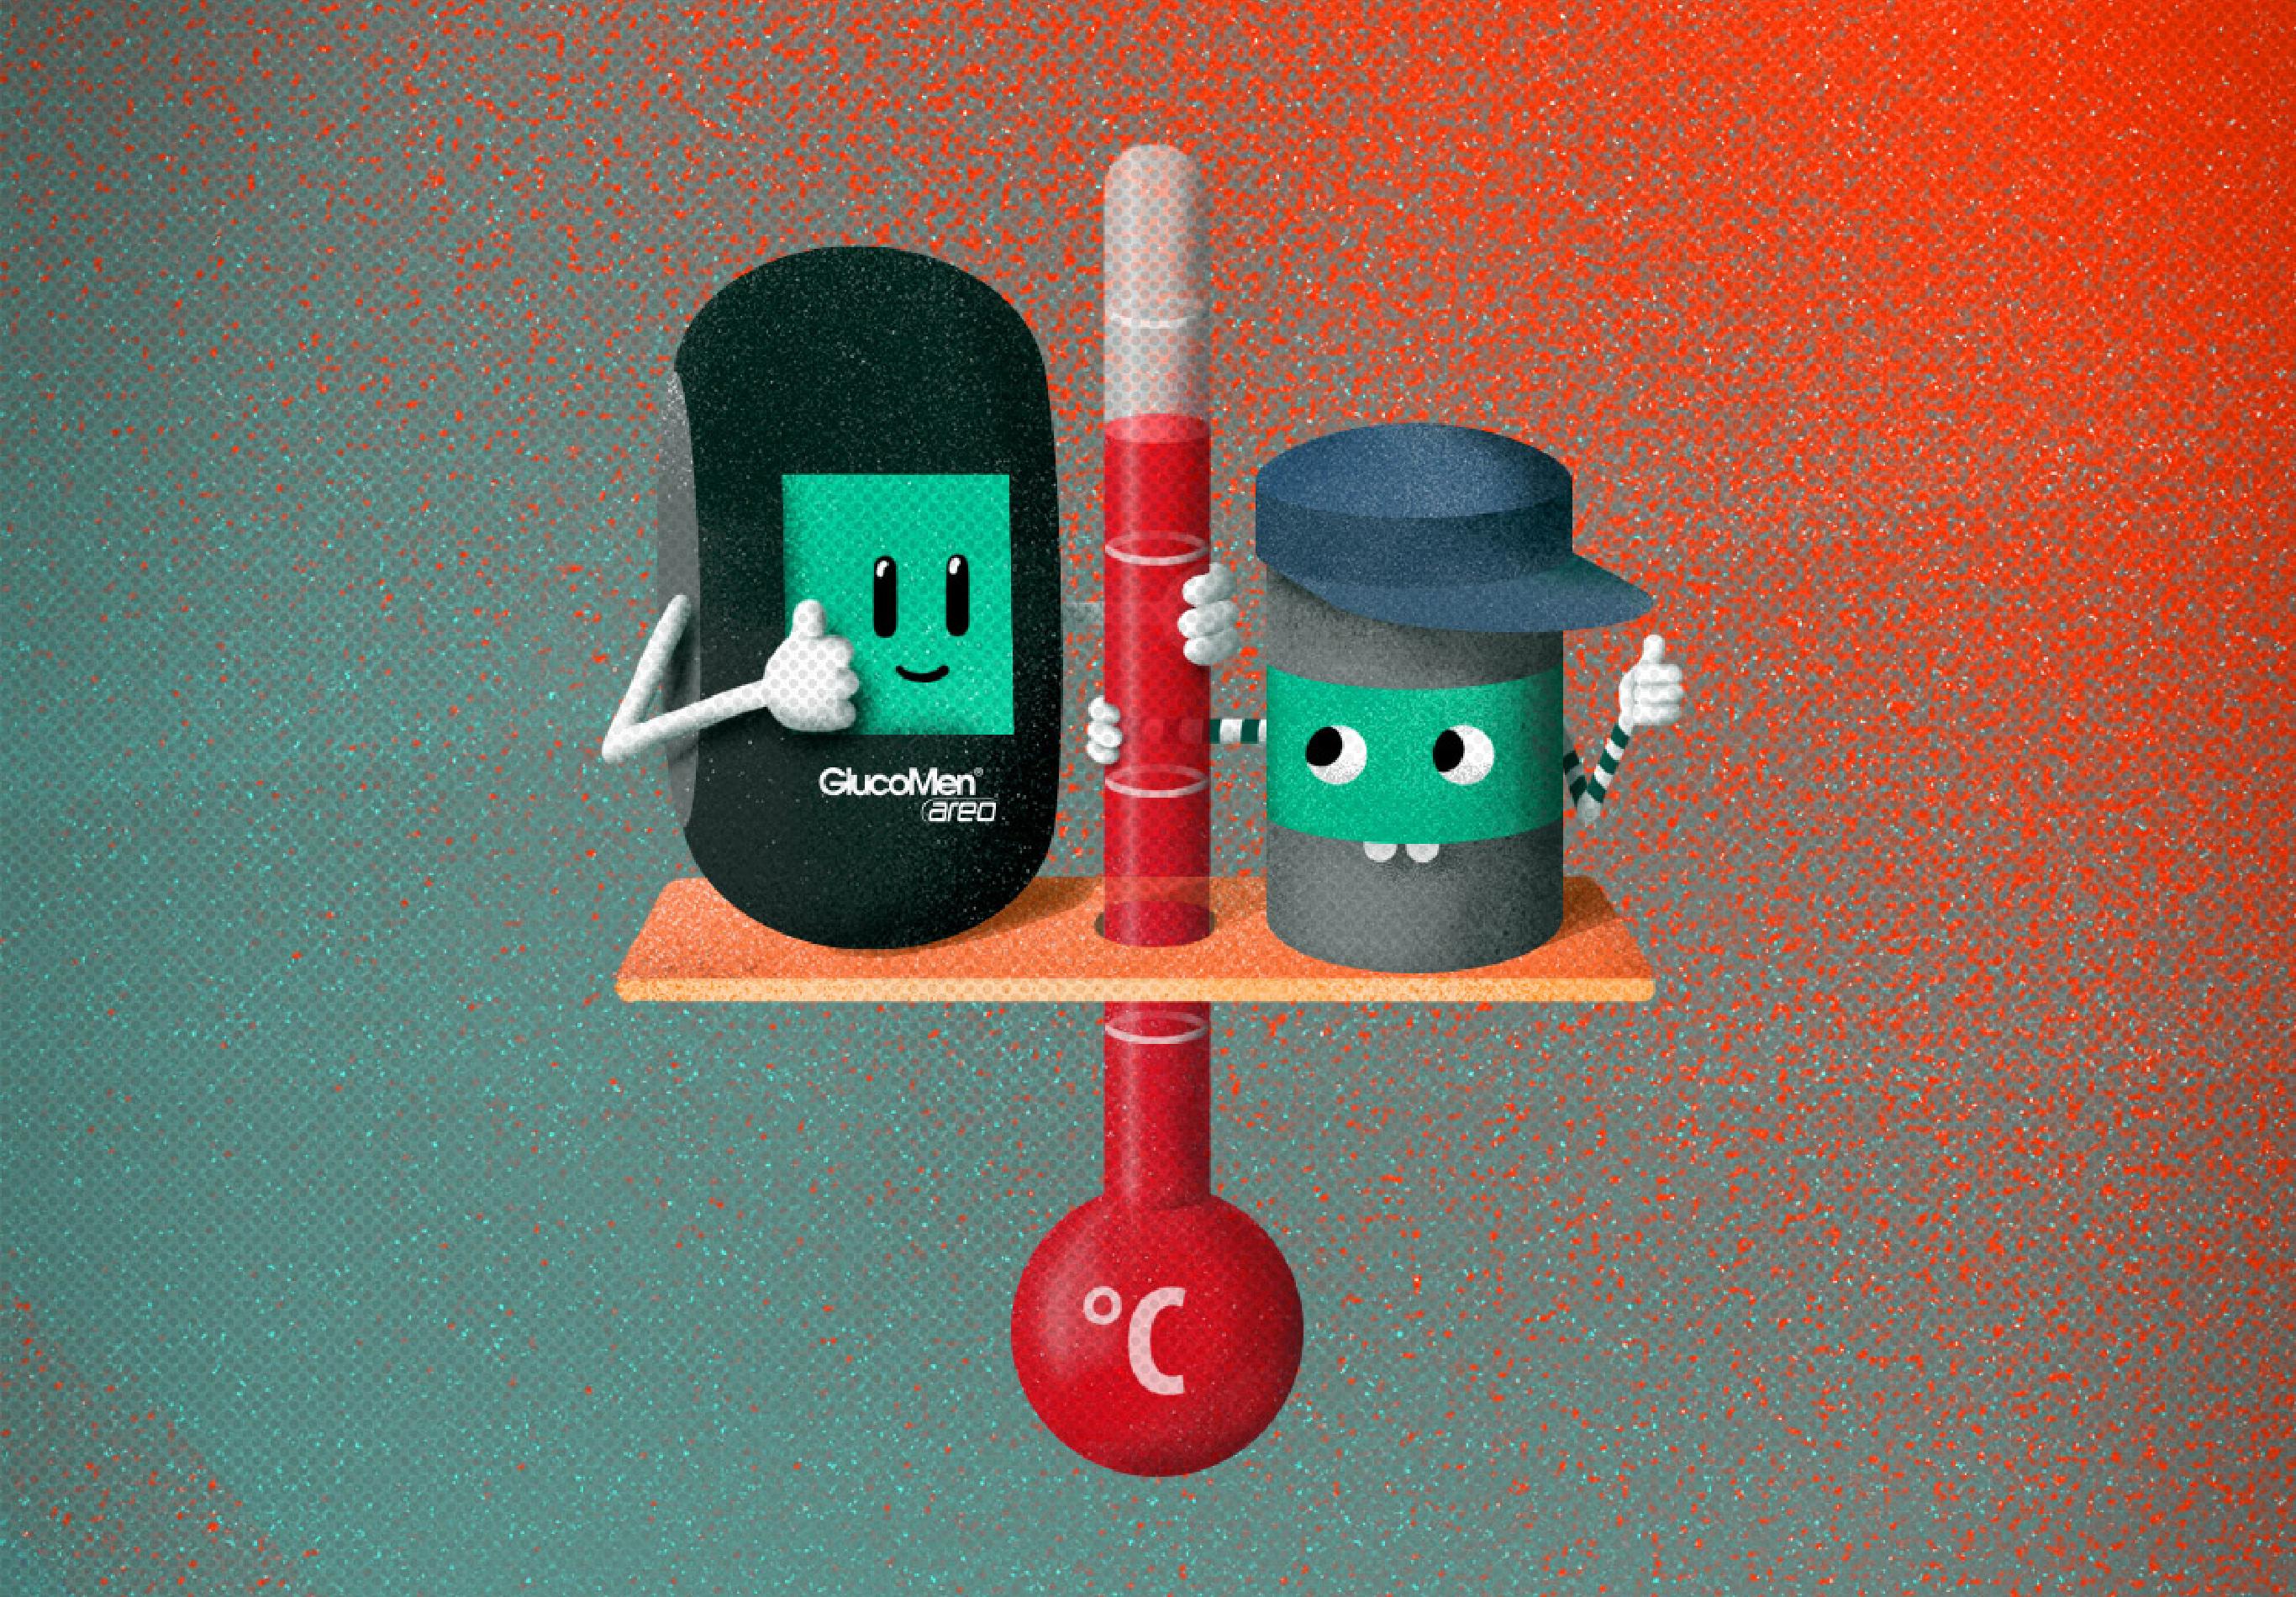 Eine Illustration einer Aufklärungskampagne der Healthcare Werbeagentur mcs mit dem Blutzuckermessgerät und einer Teststreifendose, die ein Thermometer halten